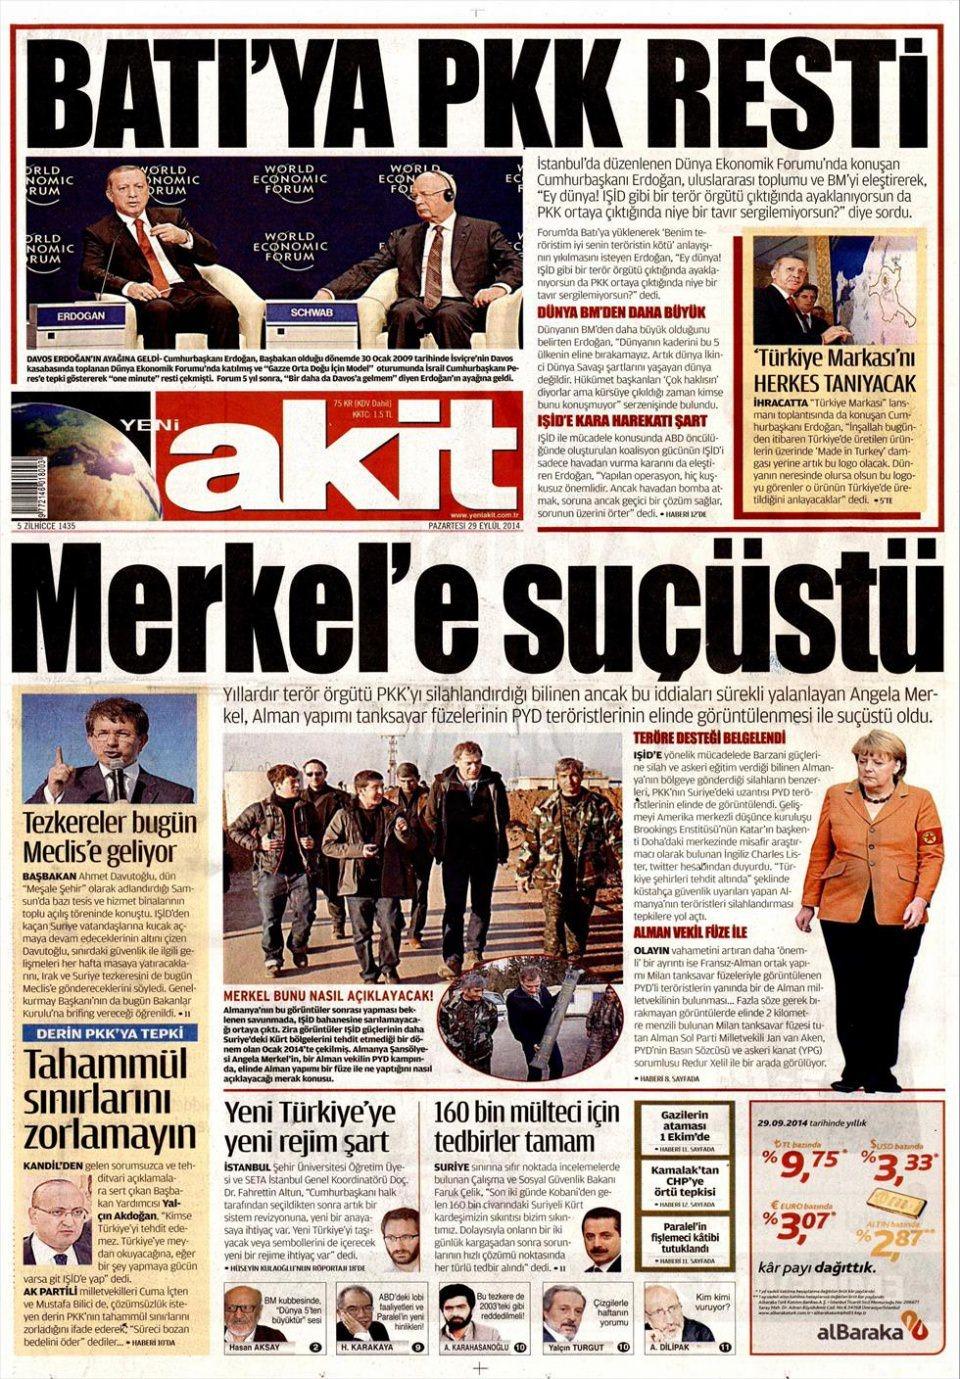 29 Eylül 2014 gazete manşetleri 23